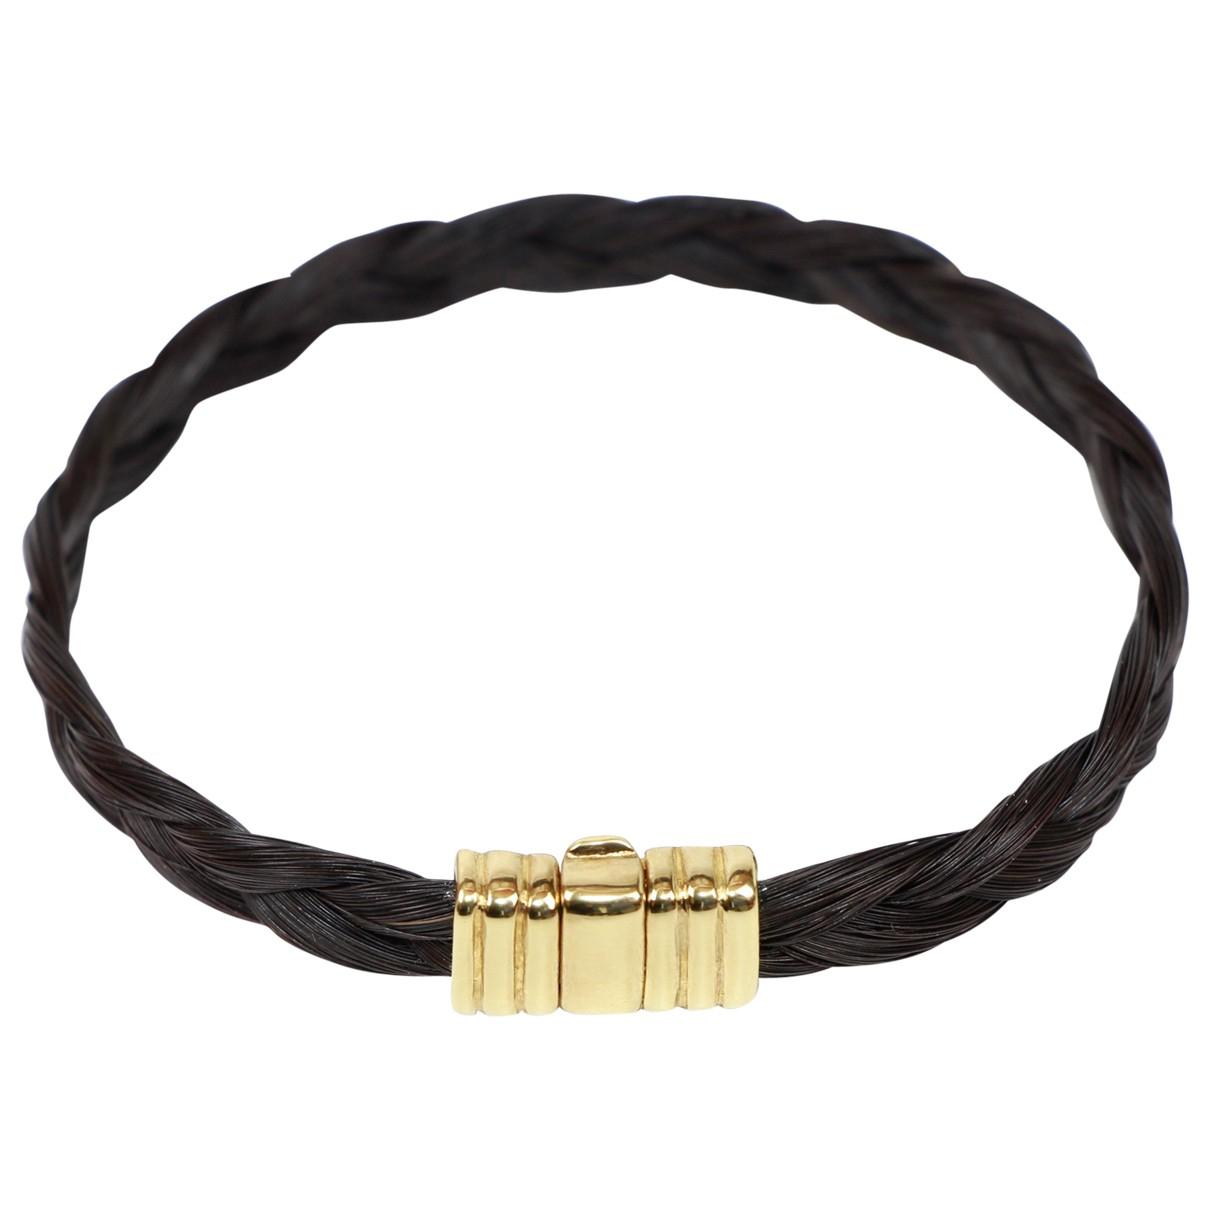 Albanu - Bracelet Elephant pour femme en or jaune - noir